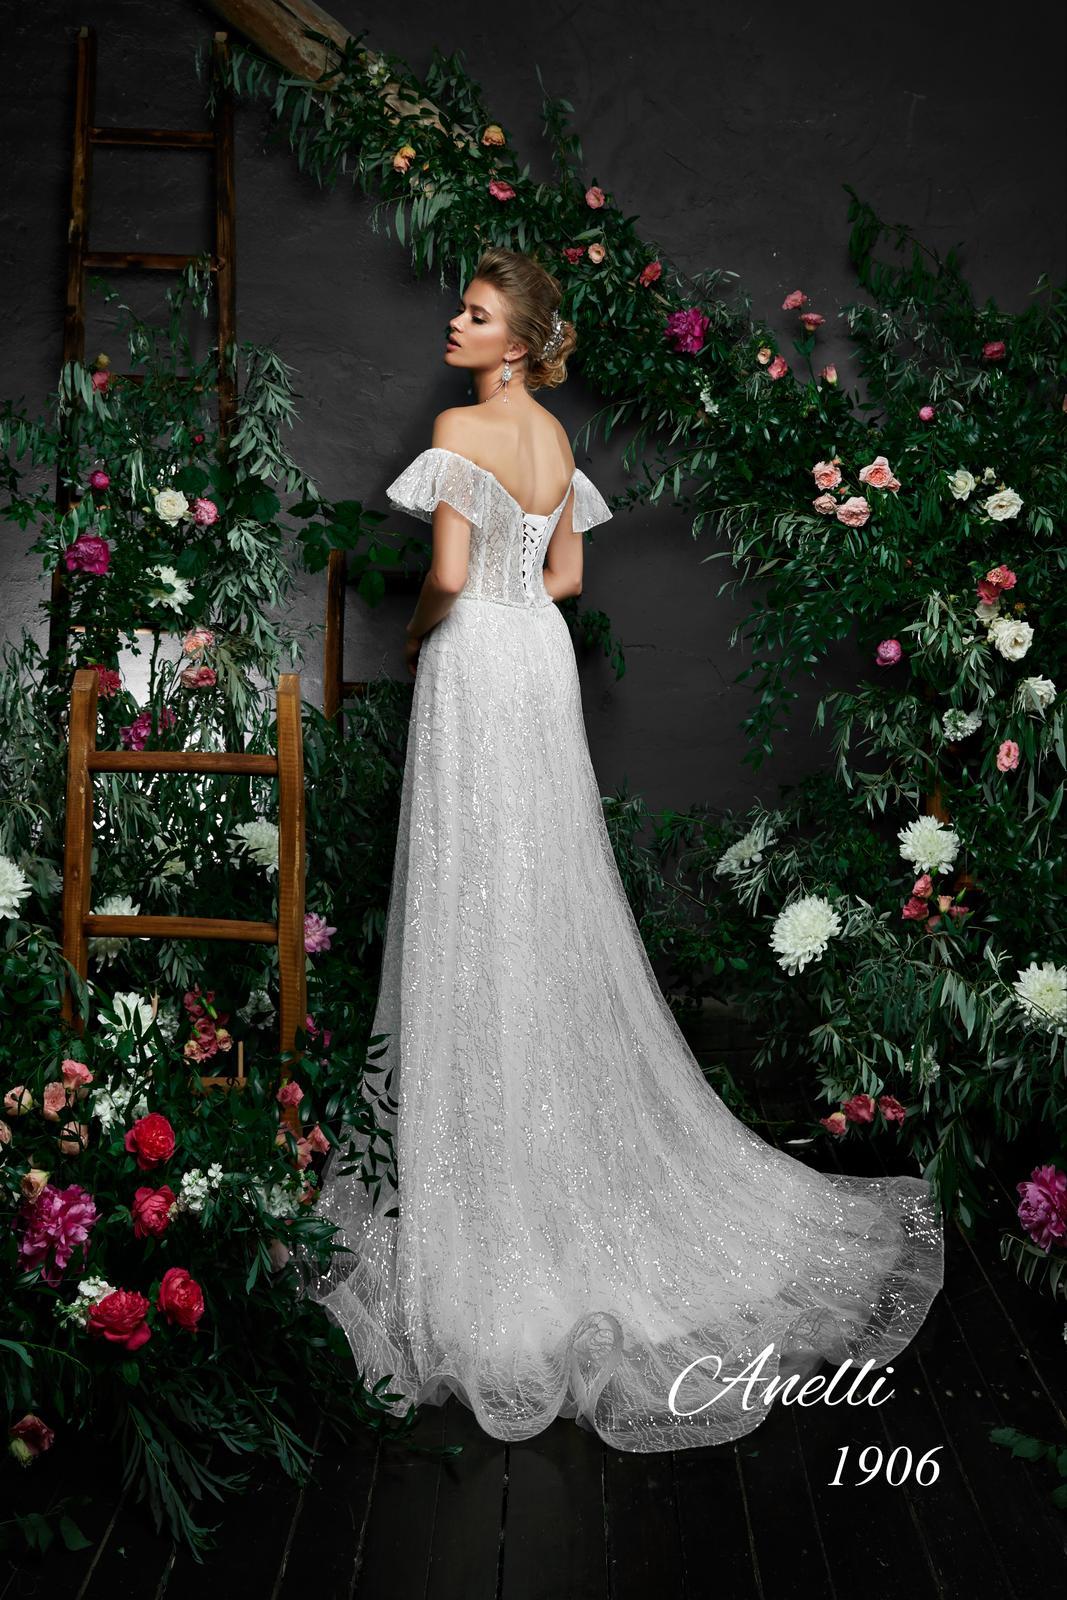 Svadobné šaty - Blossom 1906 - Obrázok č. 3